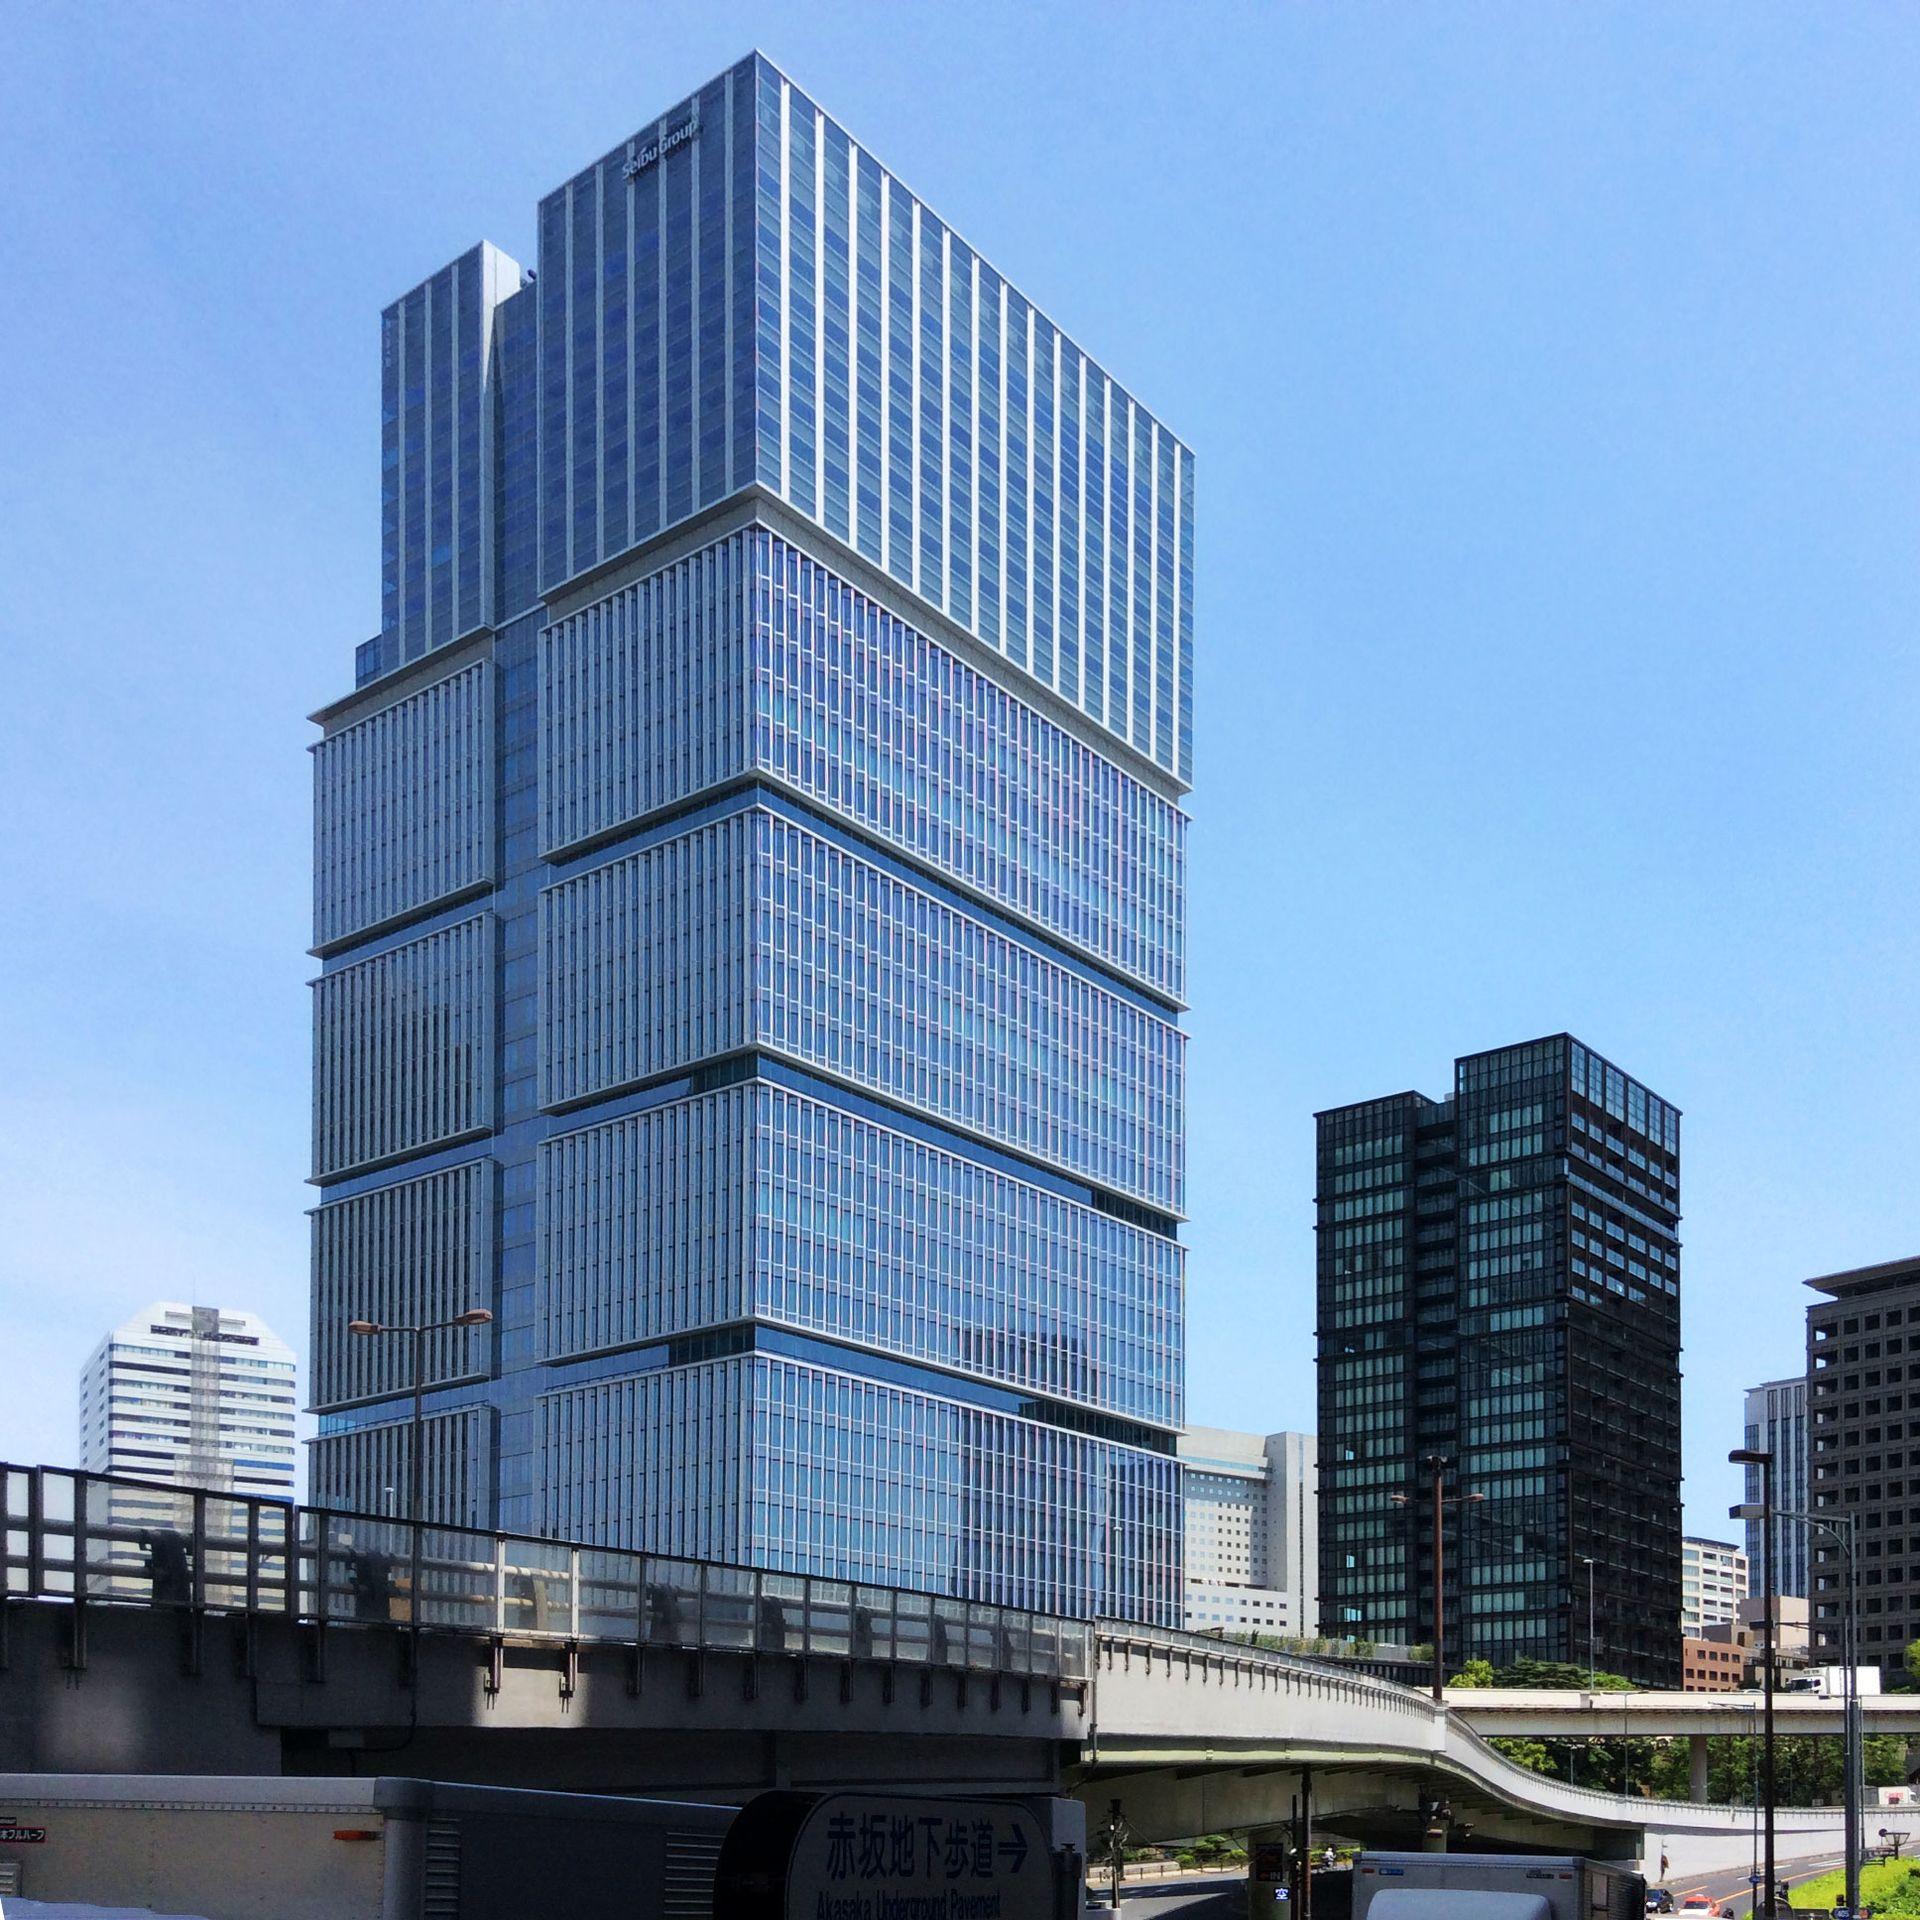 ザ・プリンスギャラリー 東京紀尾井町 Wikipedia